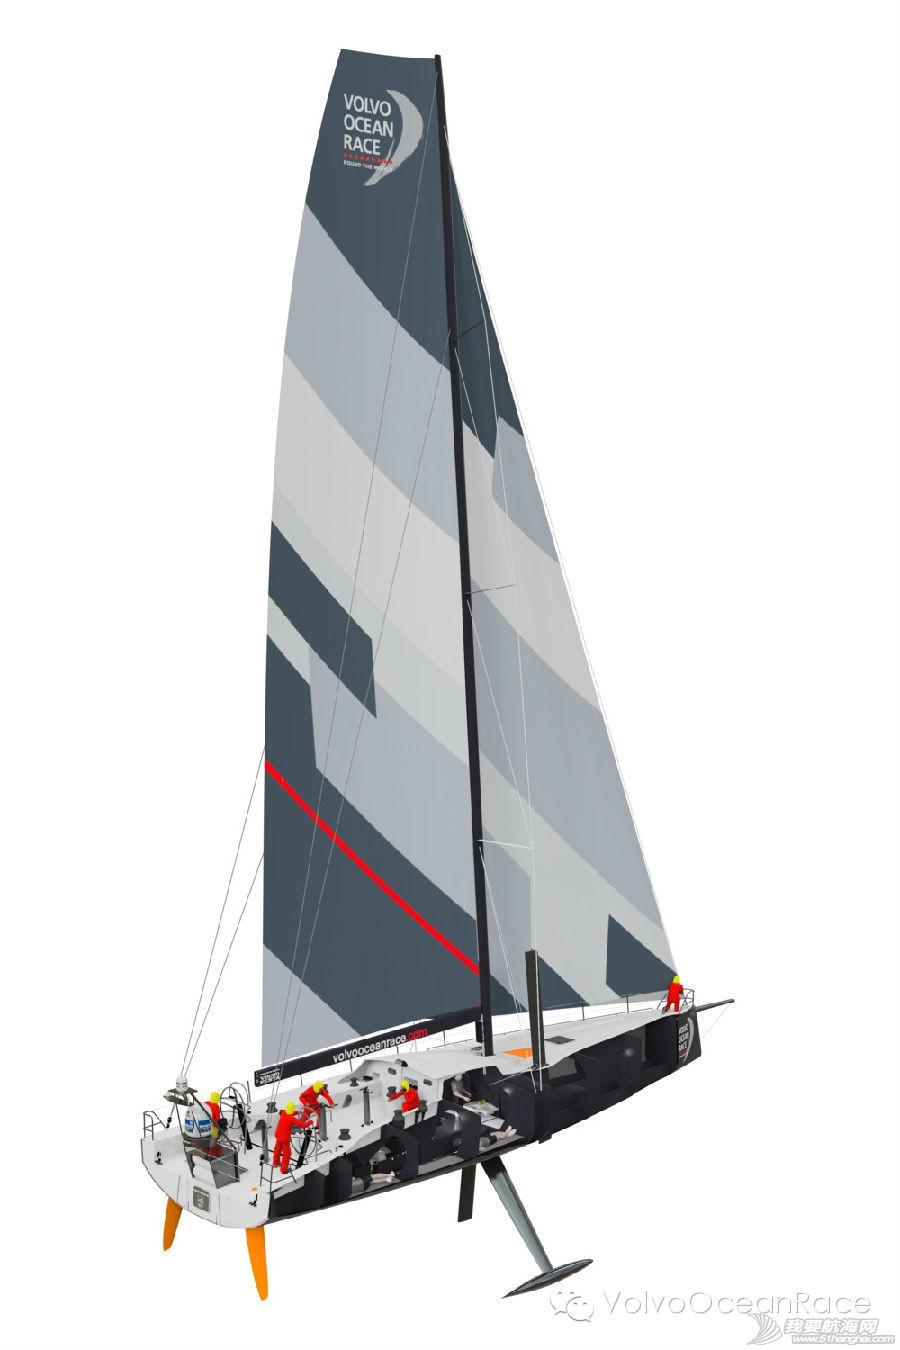 西班牙,沃尔沃,阿布扎比,阿联酋,帆船运动 2014-15沃尔沃环球帆船赛 为你讲述生活在极限的故事 5.jpg